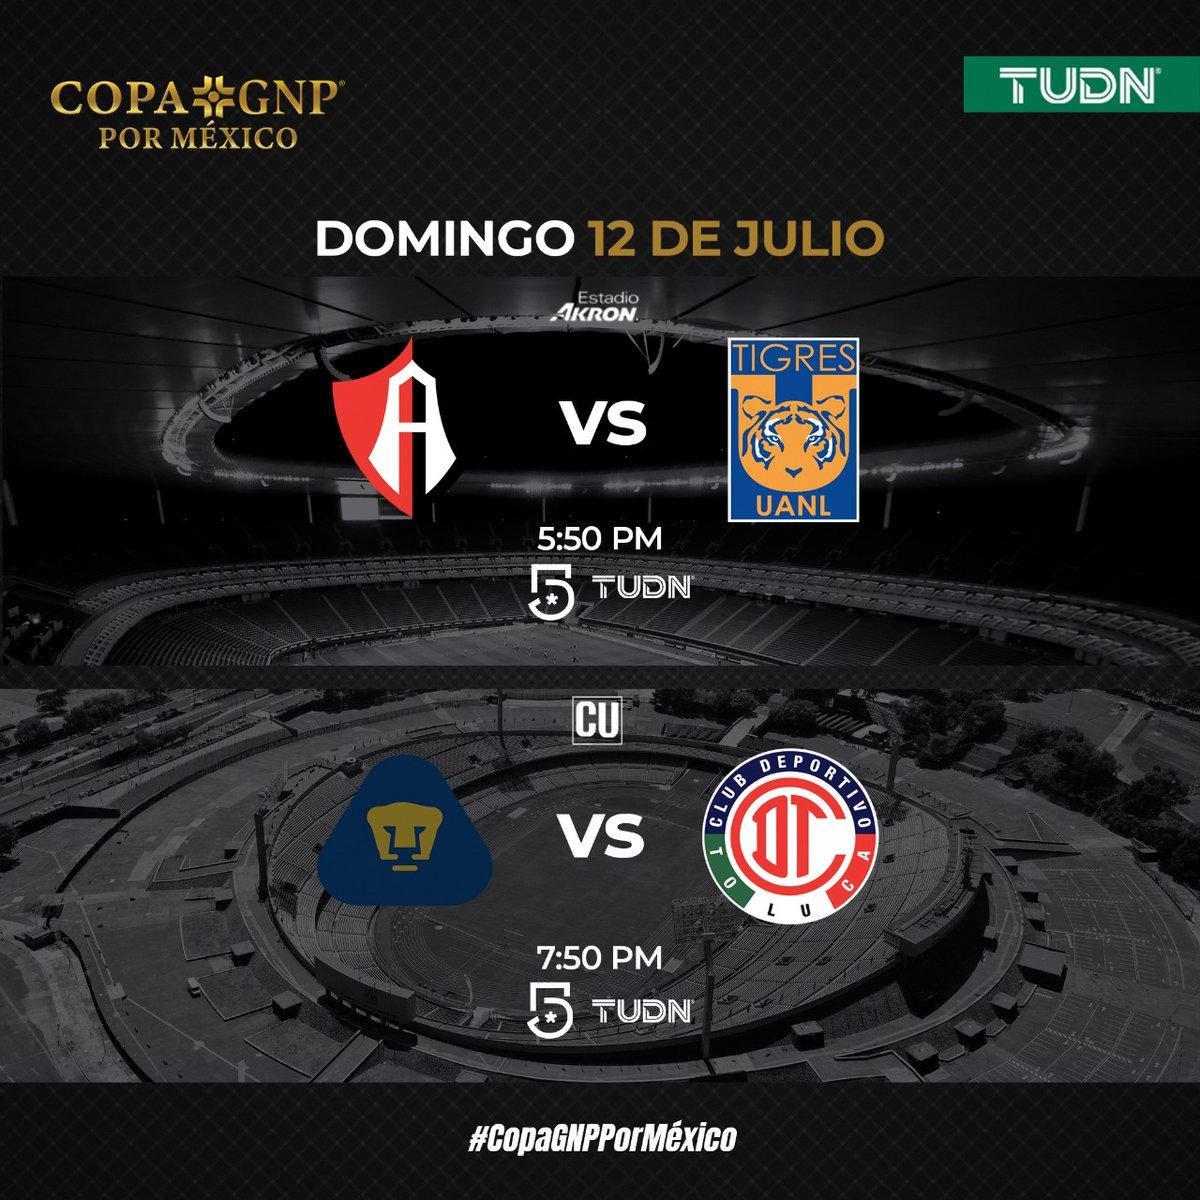 Disfruta la #CopaGNPPorMéxico por #TUDN 🏆   📆Domingo 12   🦊 @atlasfc 🆚 @TigresOficial 🐯  @PumasMX 🆚 @TolucaFC 👿    📺 @TUDNMEX  | @MiCanal5